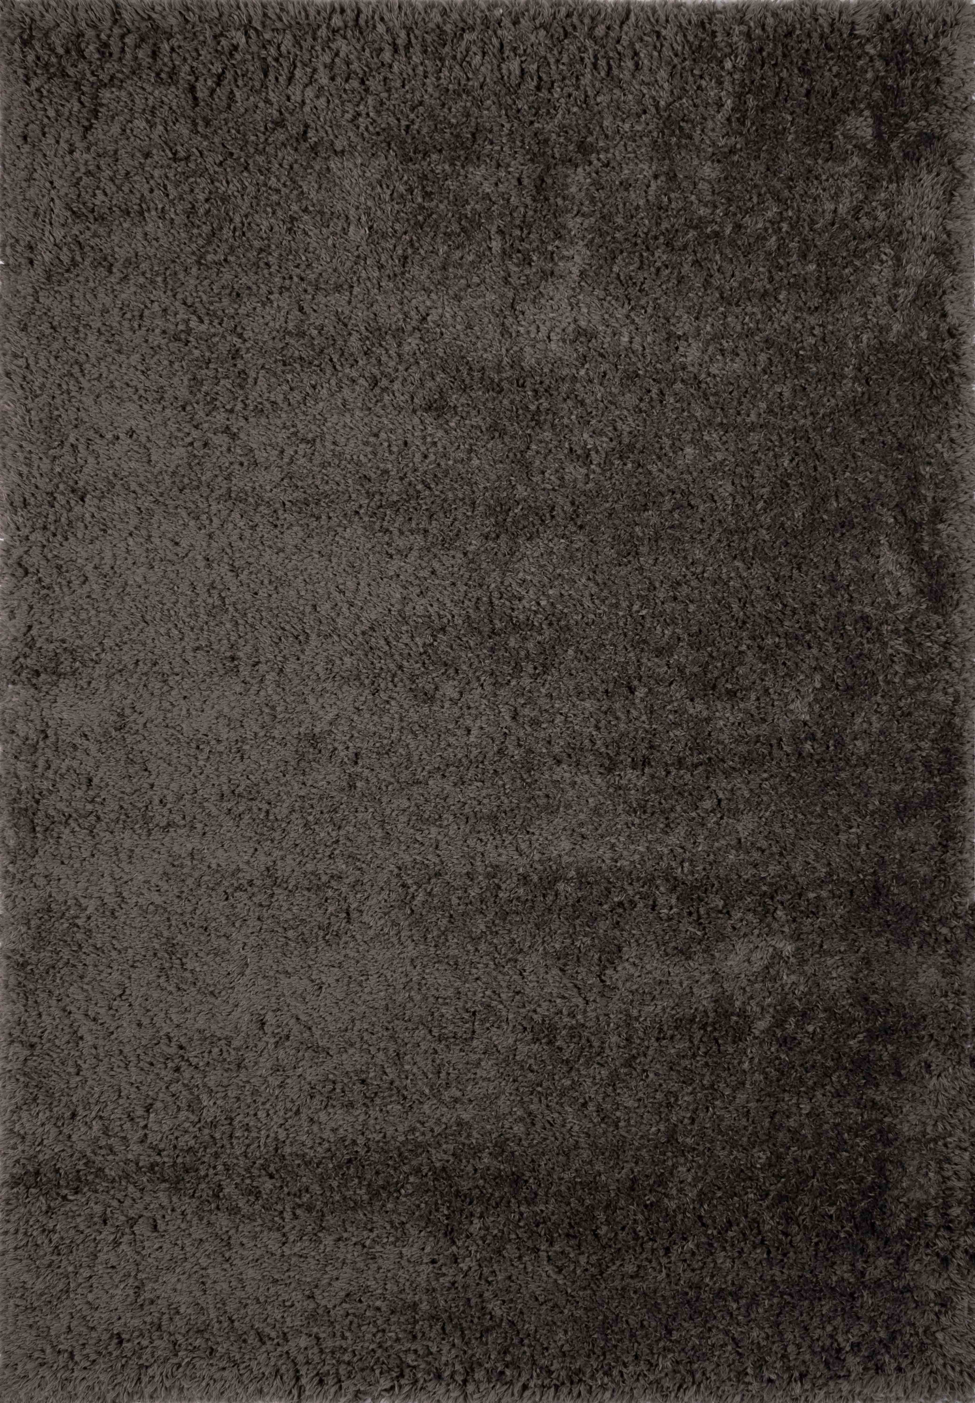 Tapis éco-responsable uni anthracite 80x150